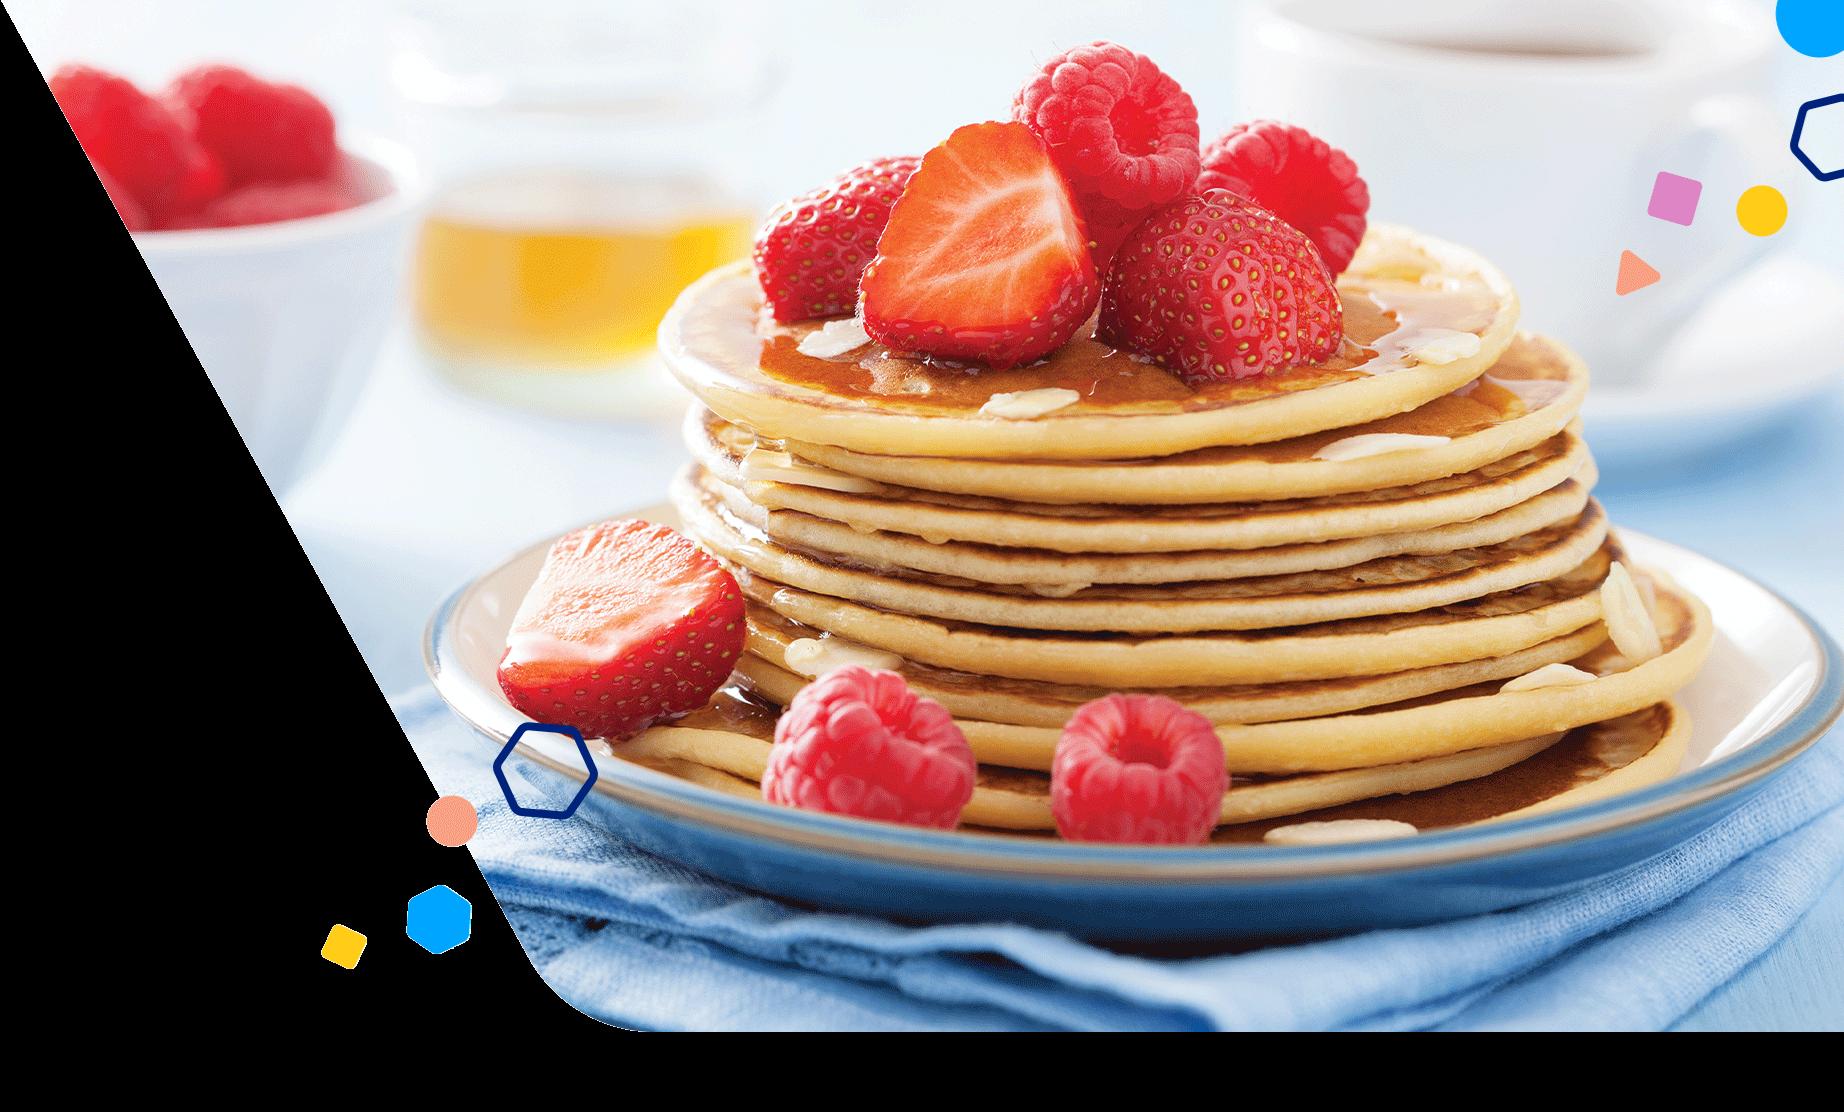 Enfagrow Pancakes